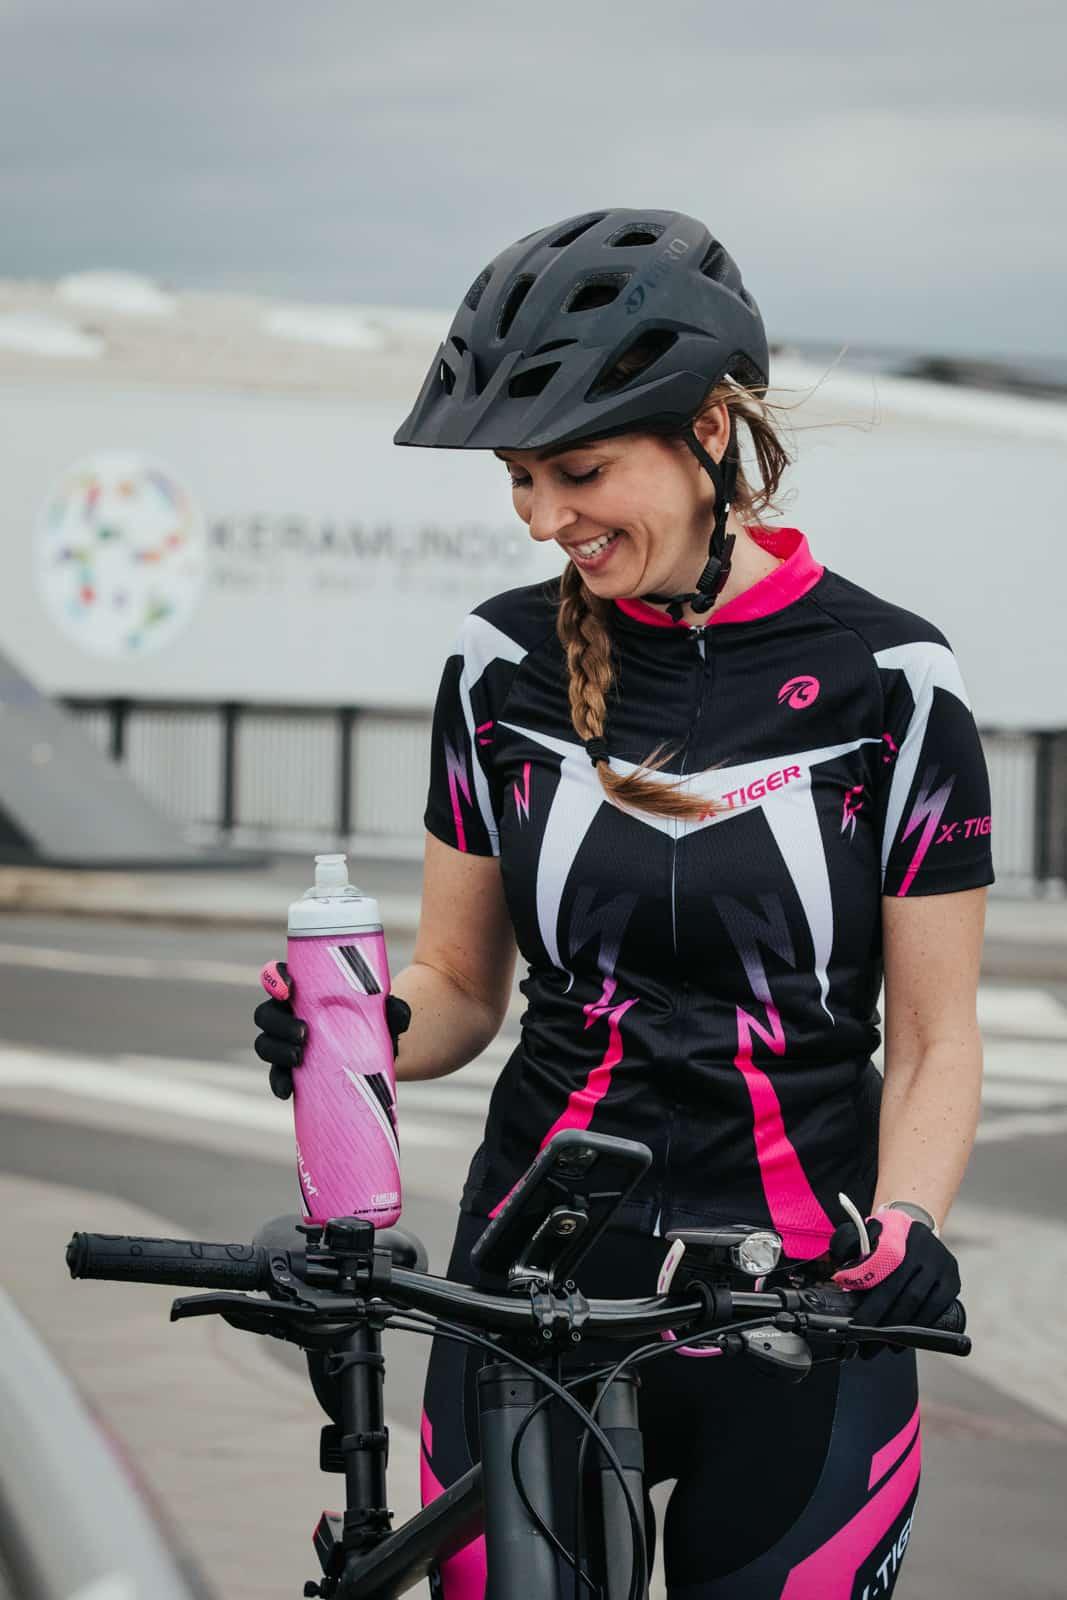 Frau lacht und hält ihre pinke Fahrradflasche fest